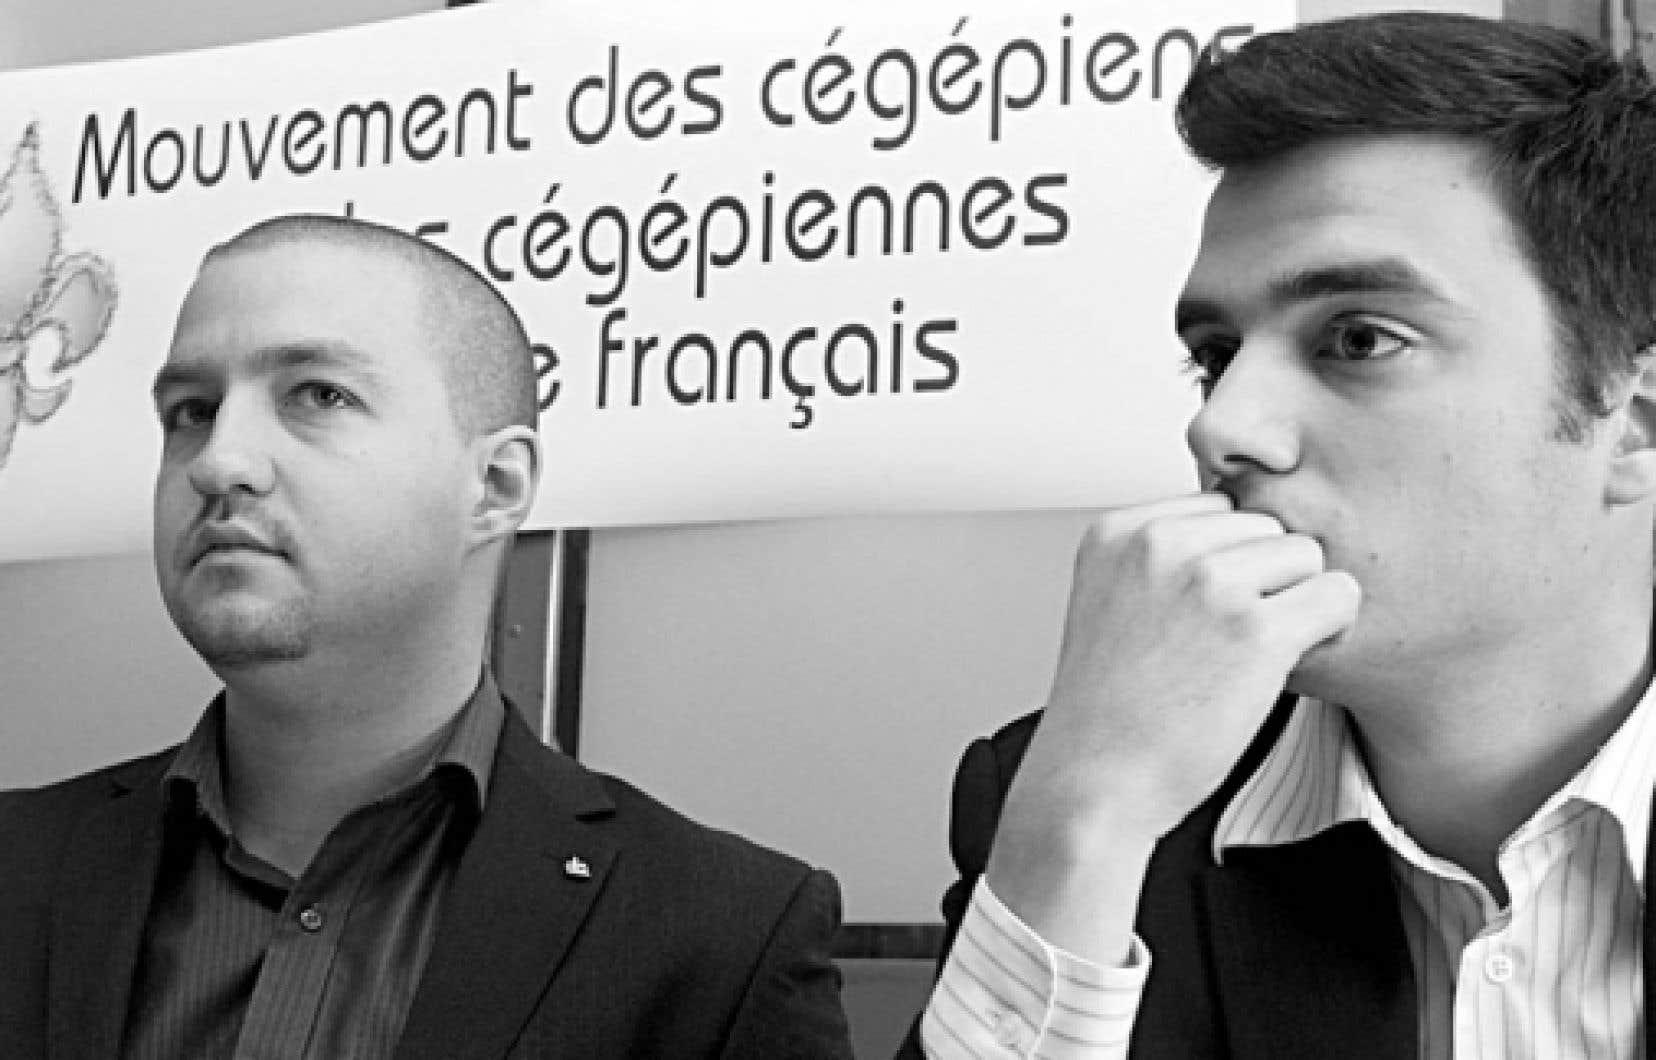 Simon-Pierre Savard Tremblay, du Forum jeunesse du Bloc québécois, et Alexandre Thériault-Marois, président du Comité national des jeunes du Parti québécois.